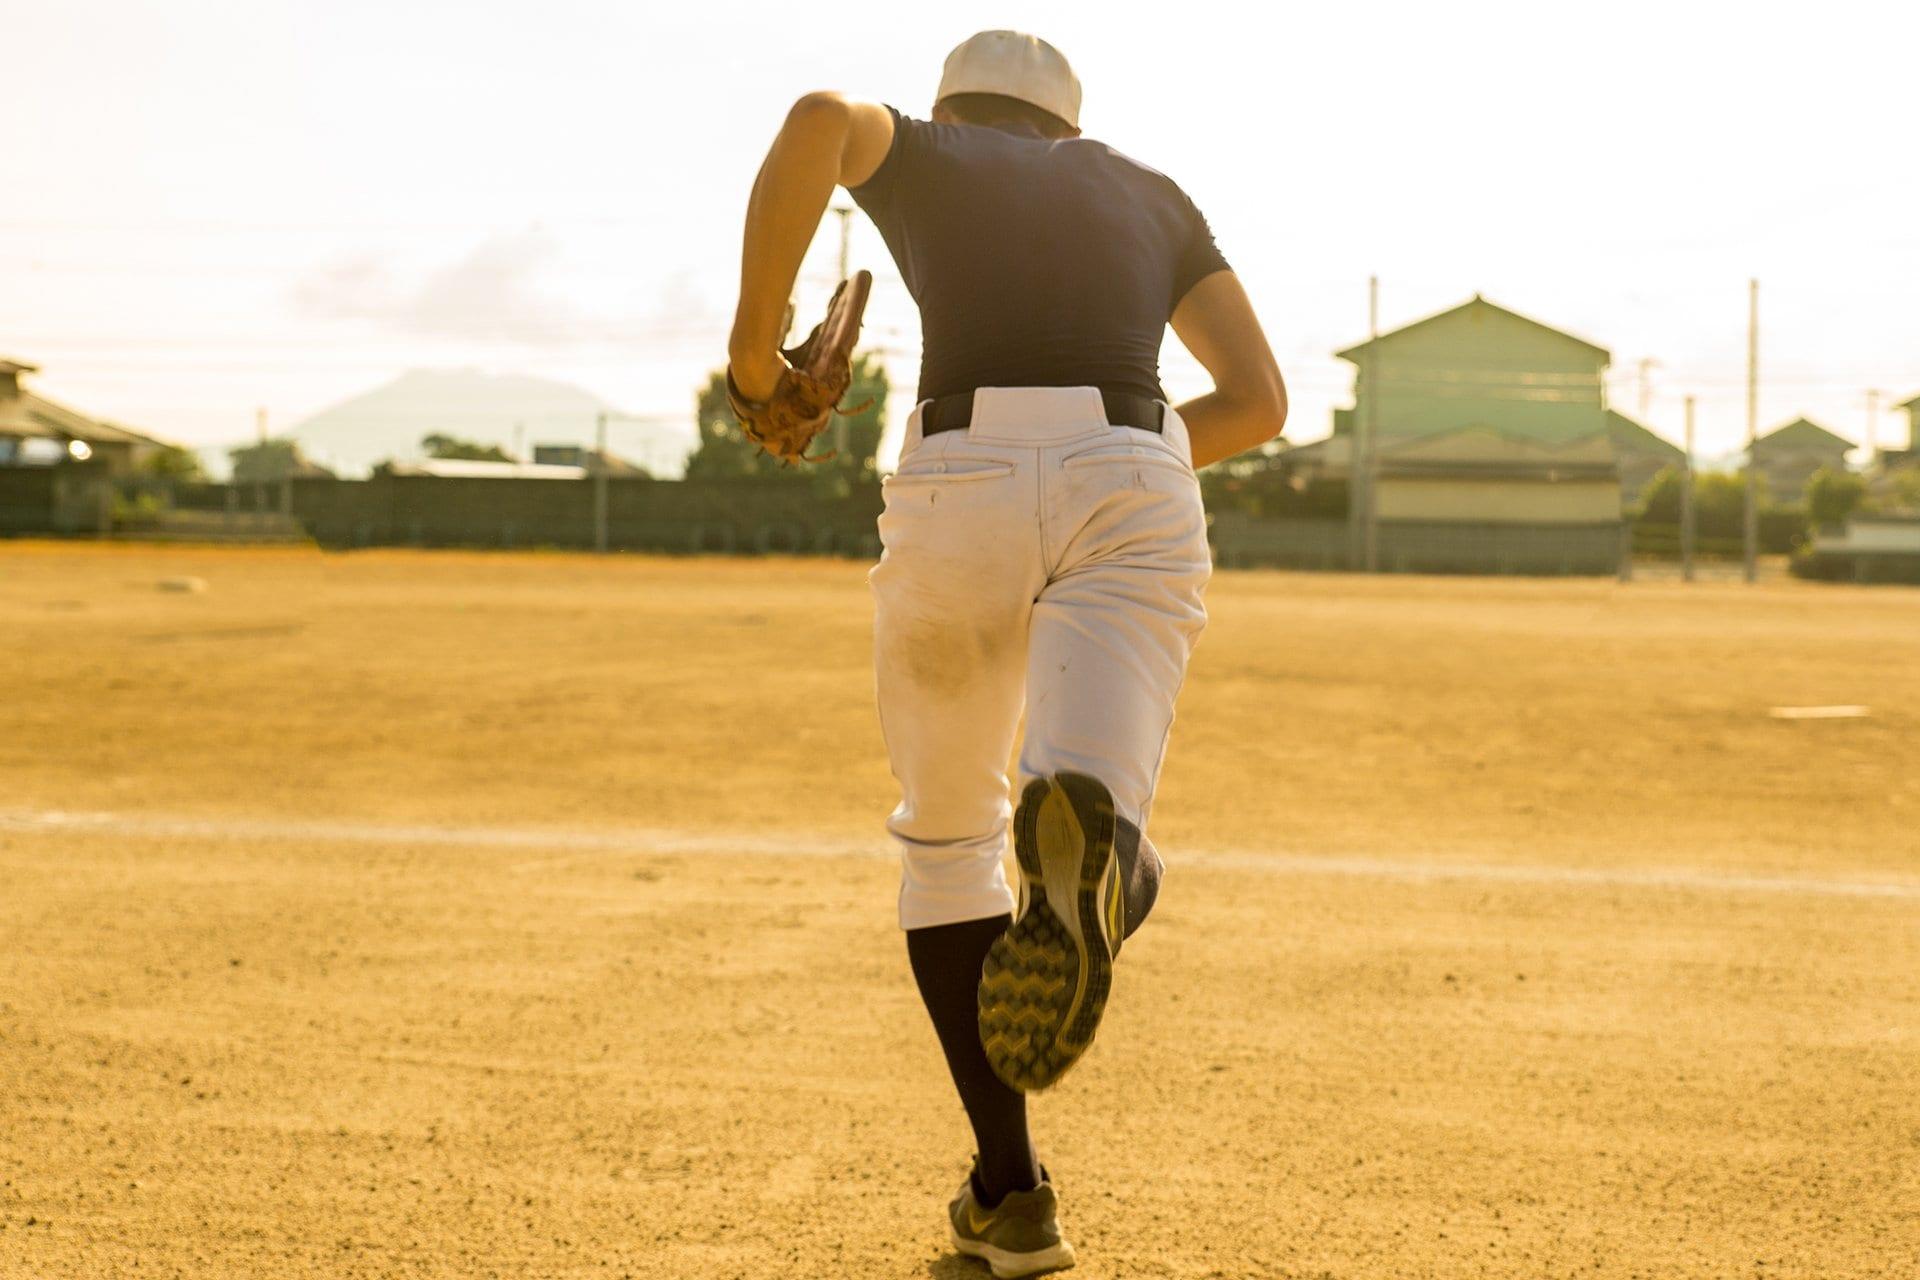 【オンライン】リピーター専用パーソナルレッスン(野球)のイメージその3